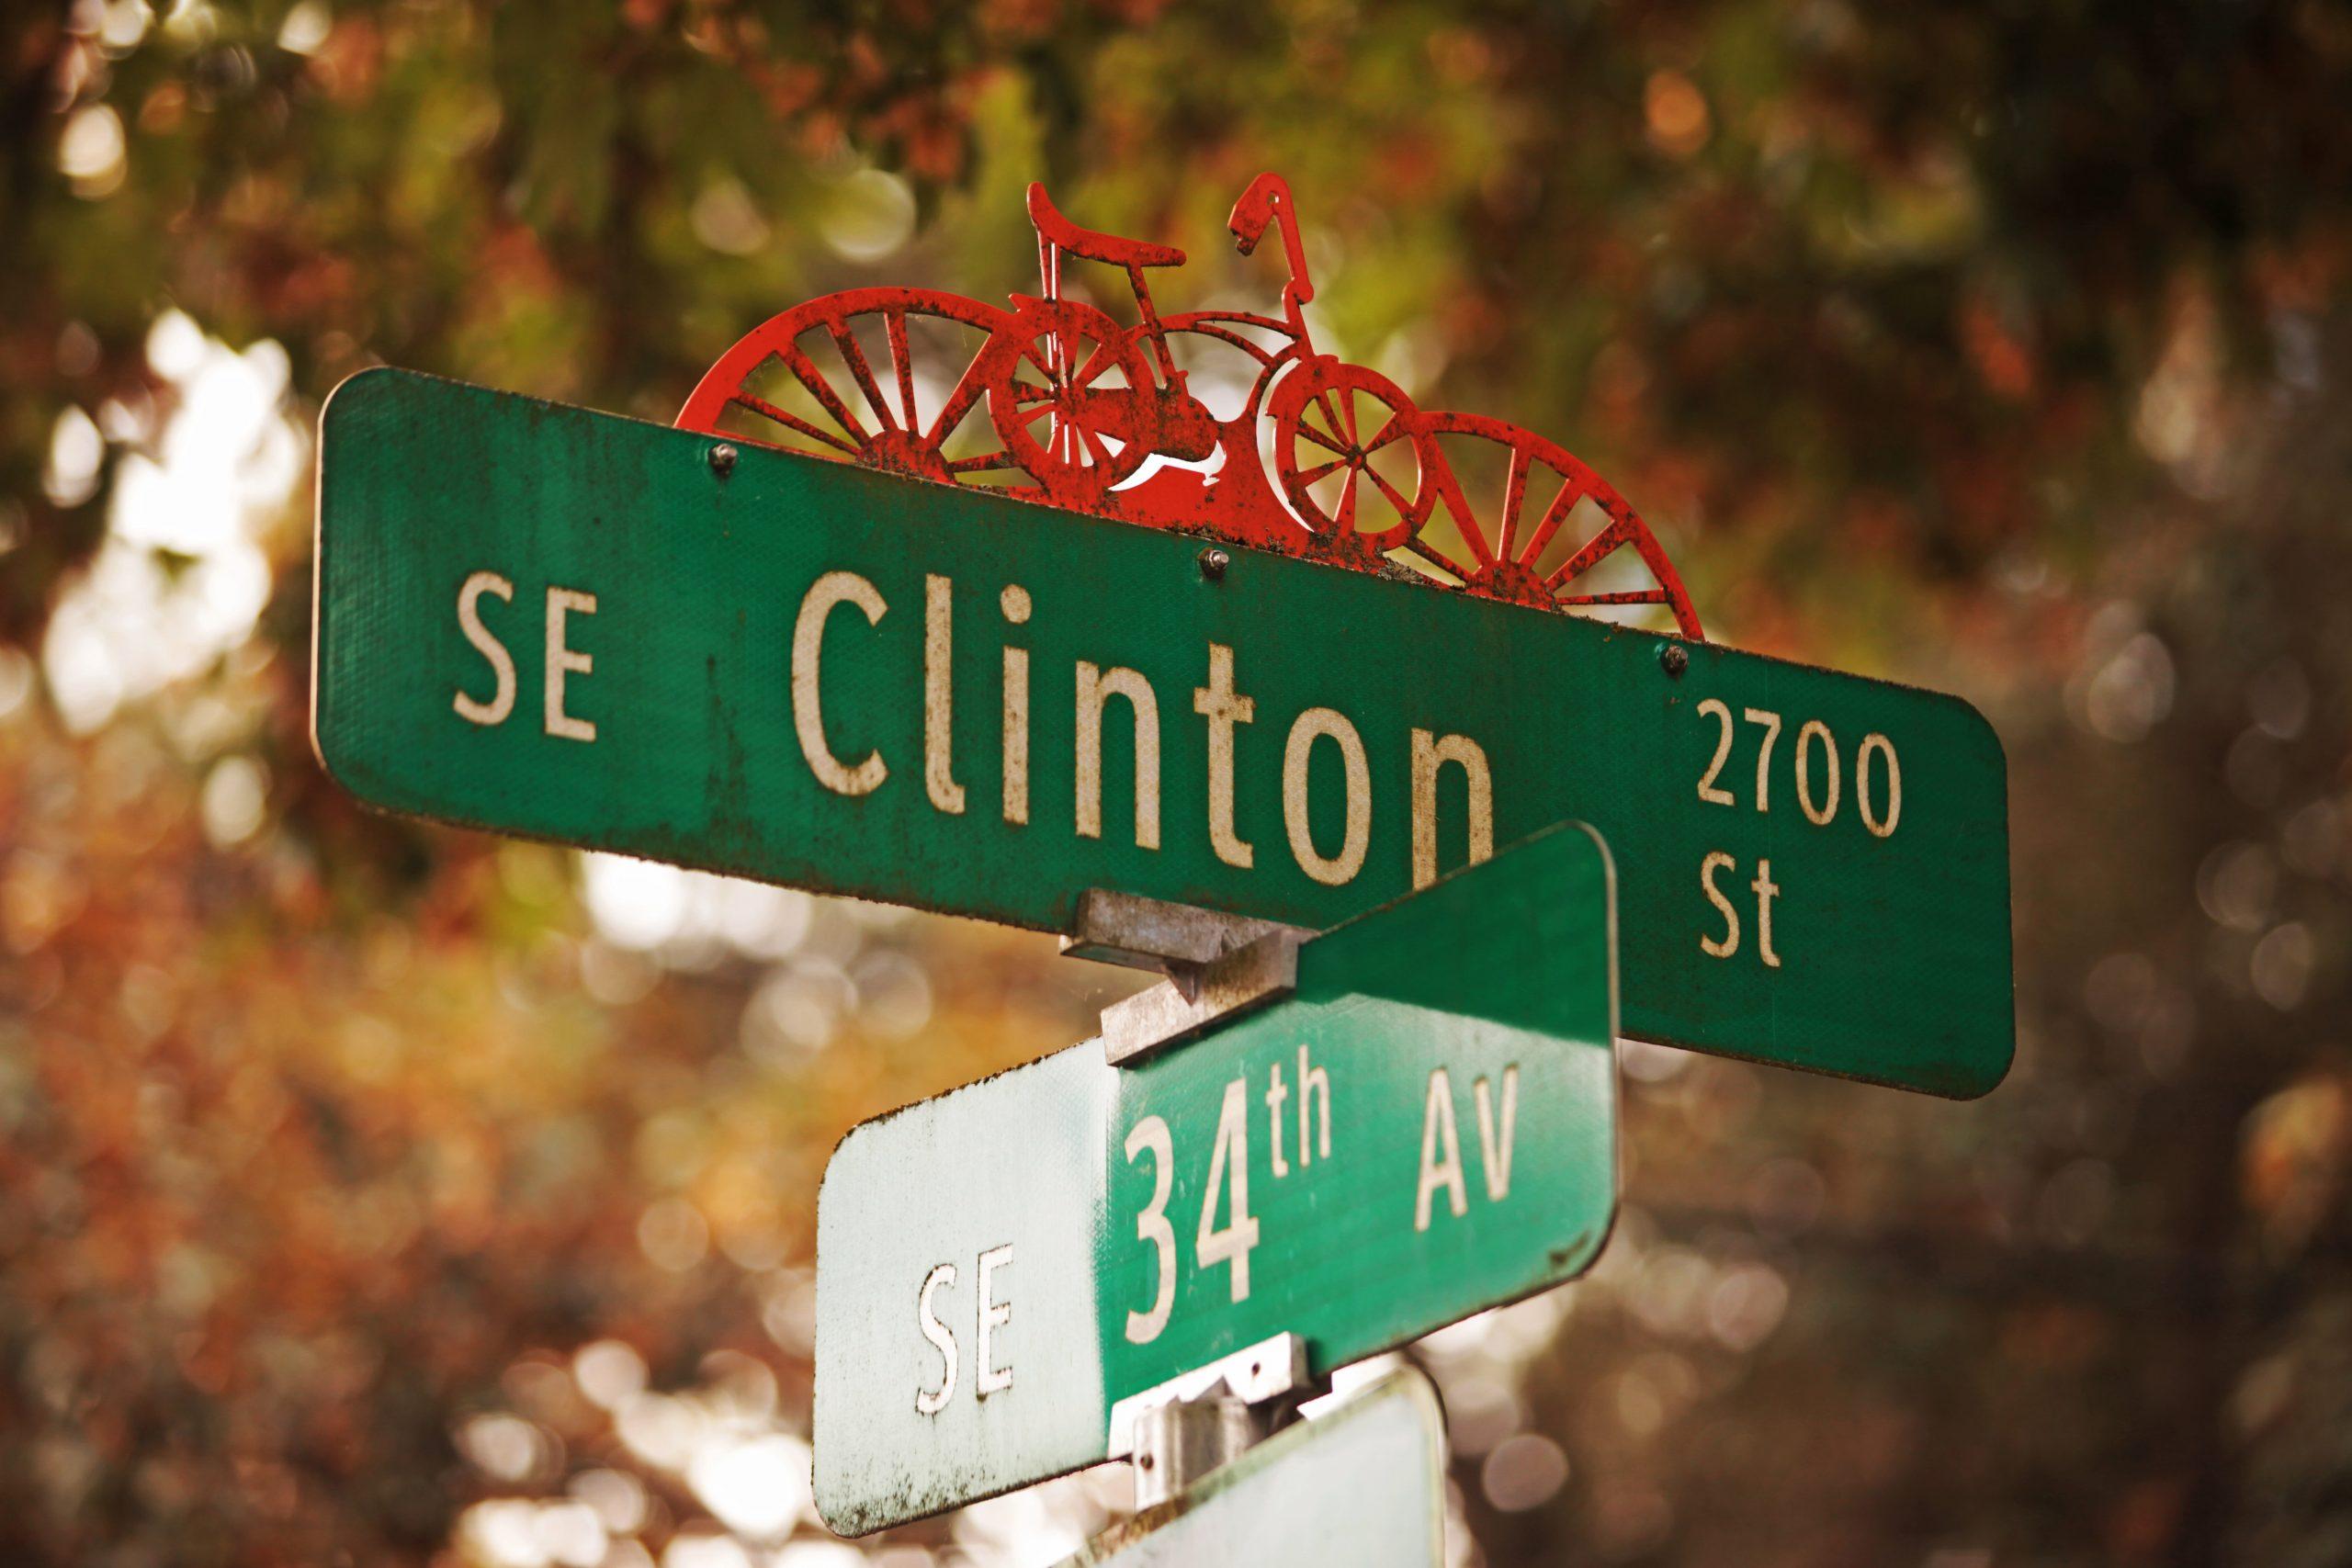 SE Clinton